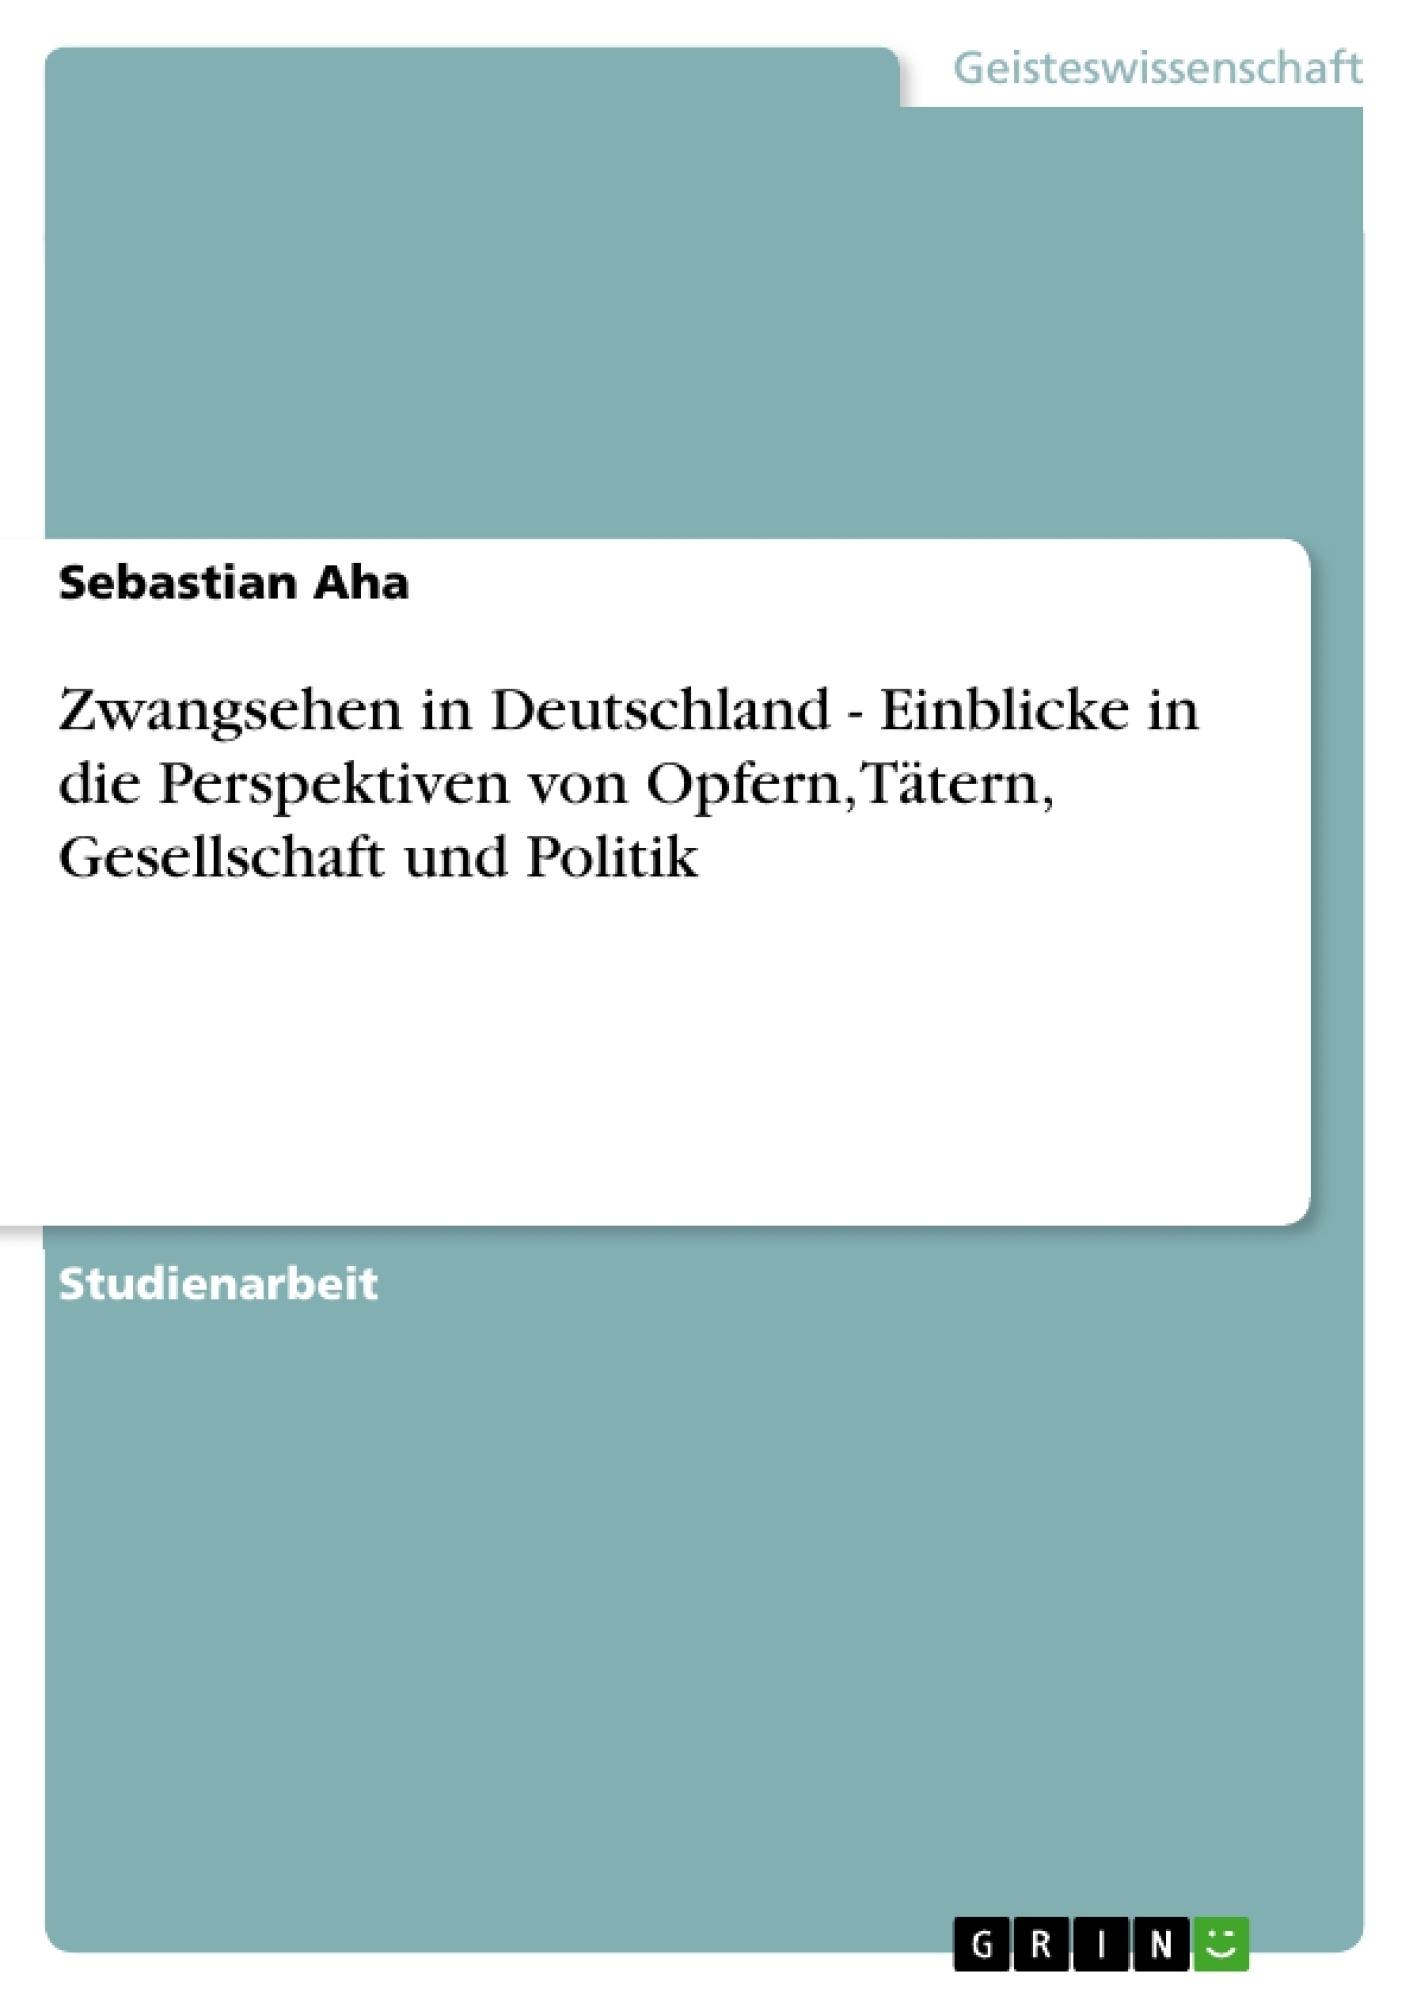 Titel: Zwangsehen in Deutschland - Einblicke in die Perspektiven von Opfern, Tätern, Gesellschaft und Politik